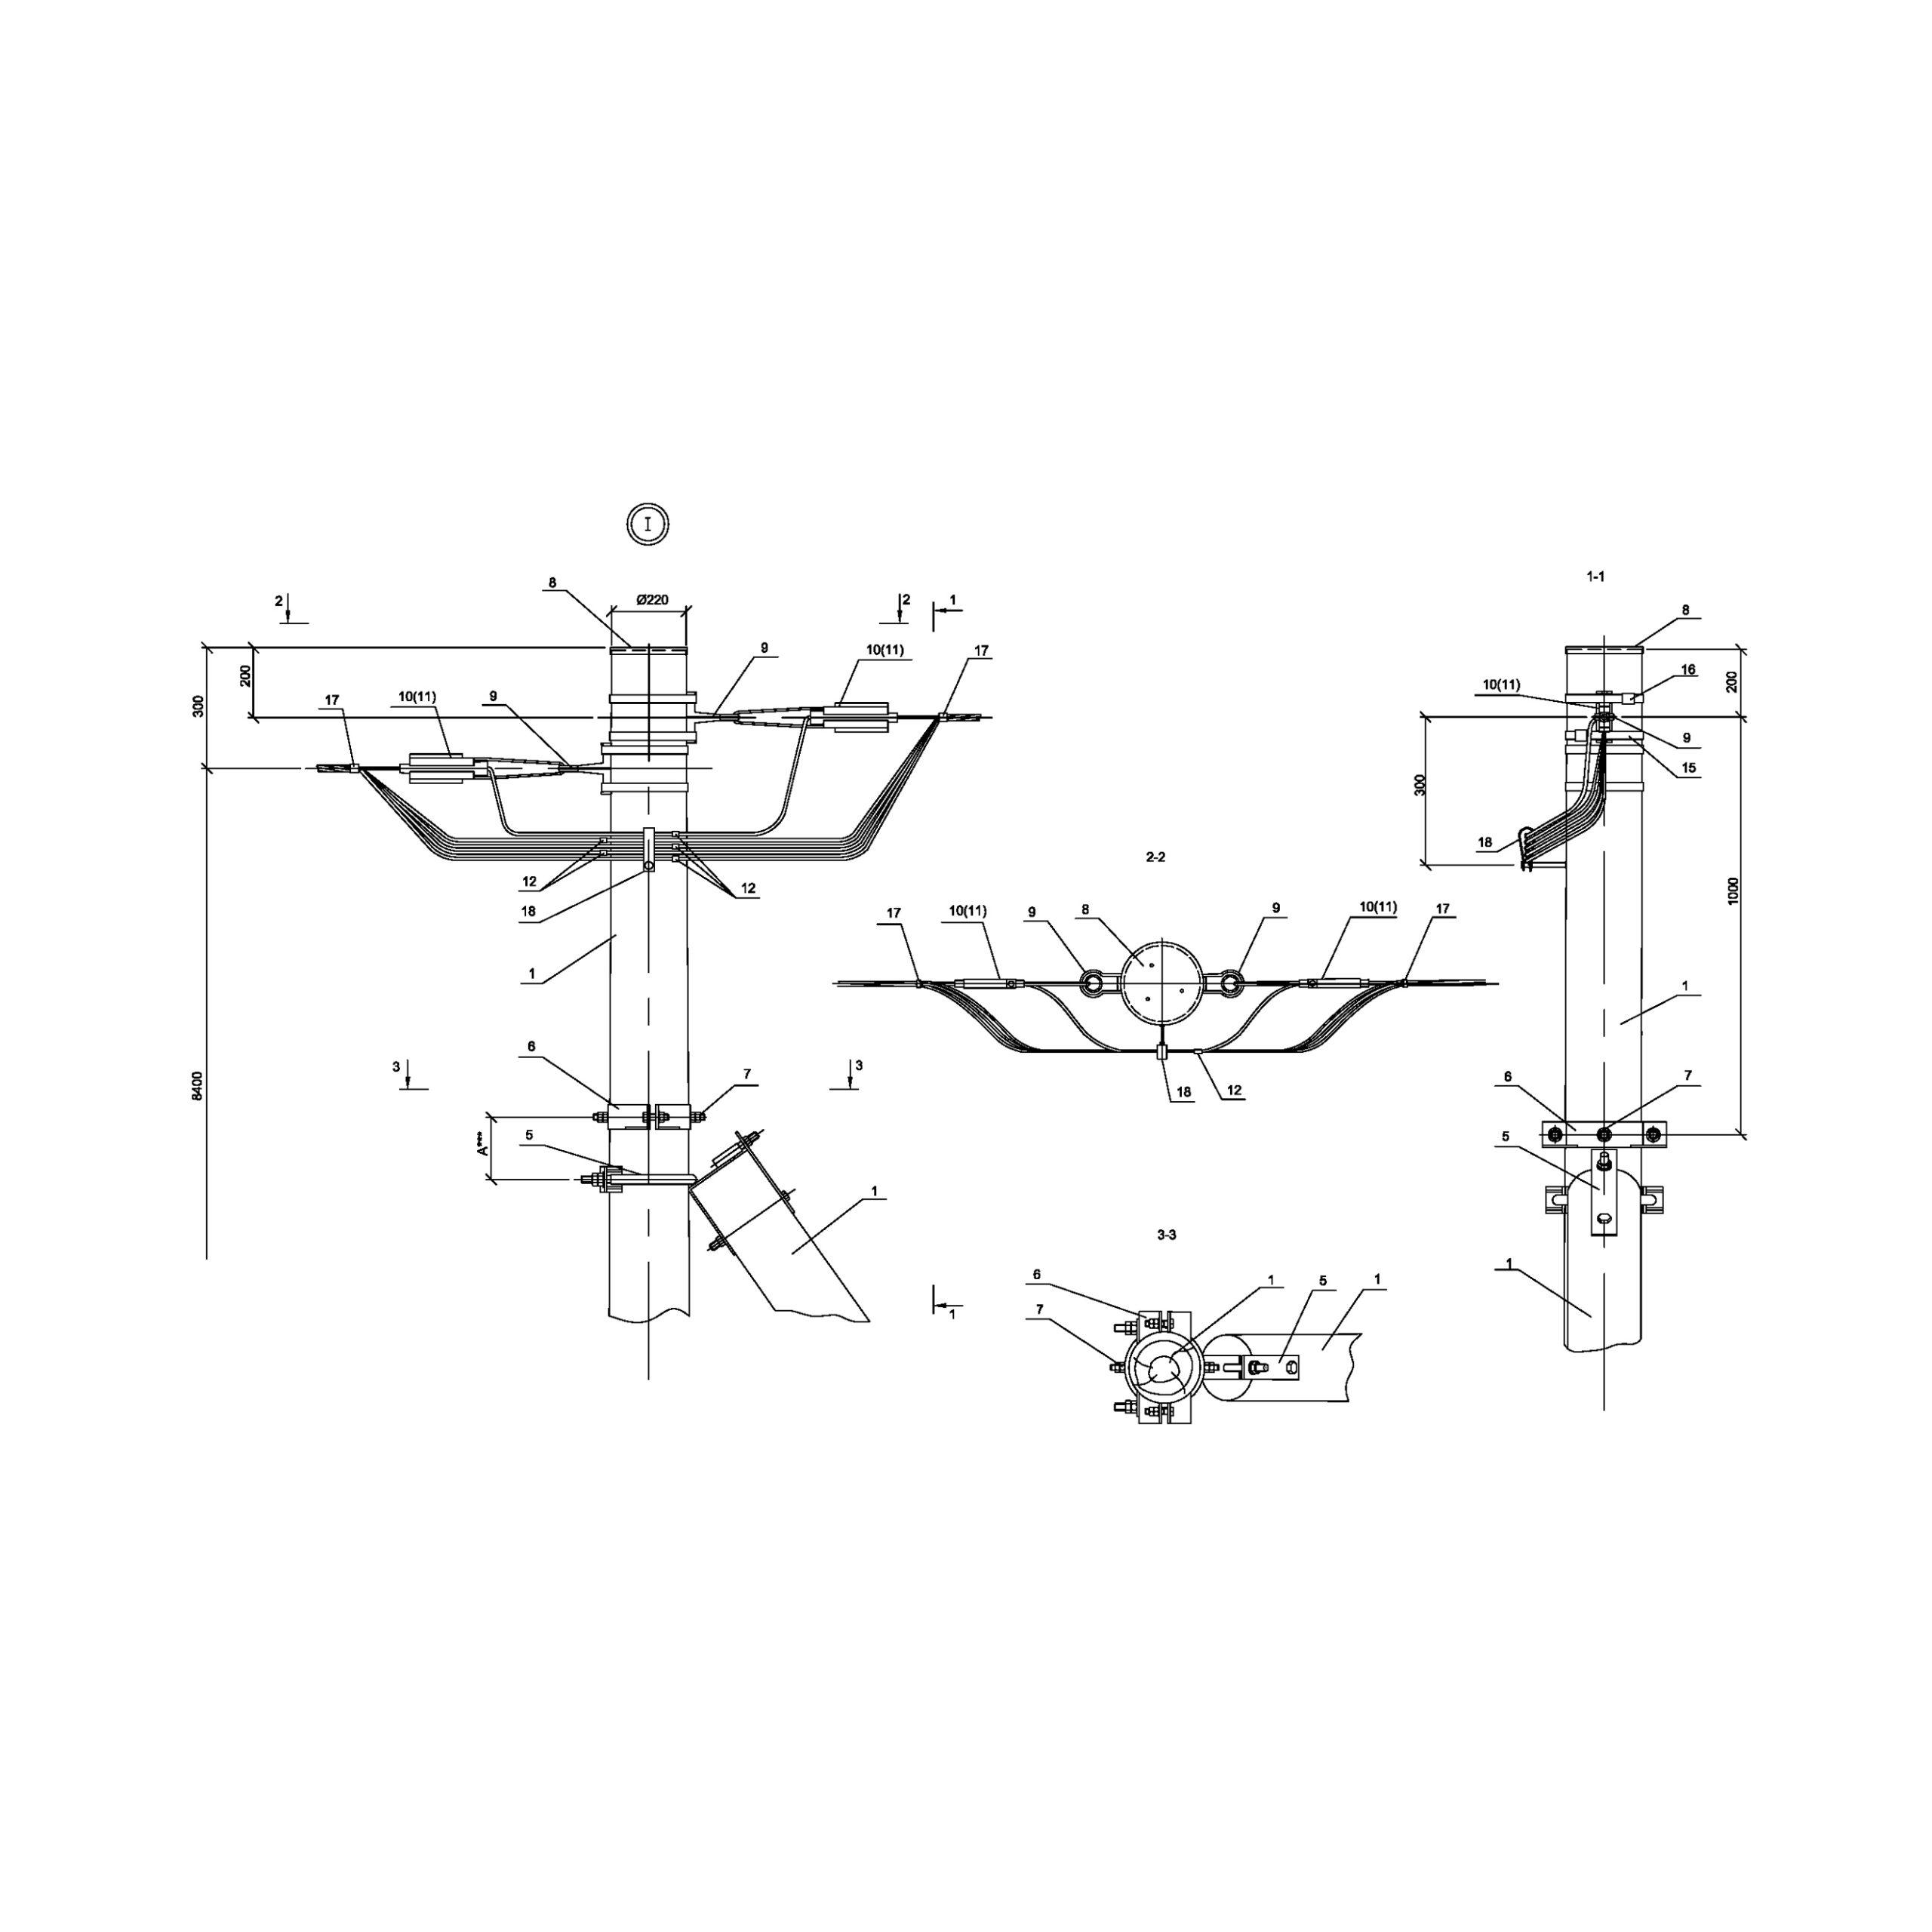 Опора ПАд15 деревянная анкерная переходная одноцепная IEK